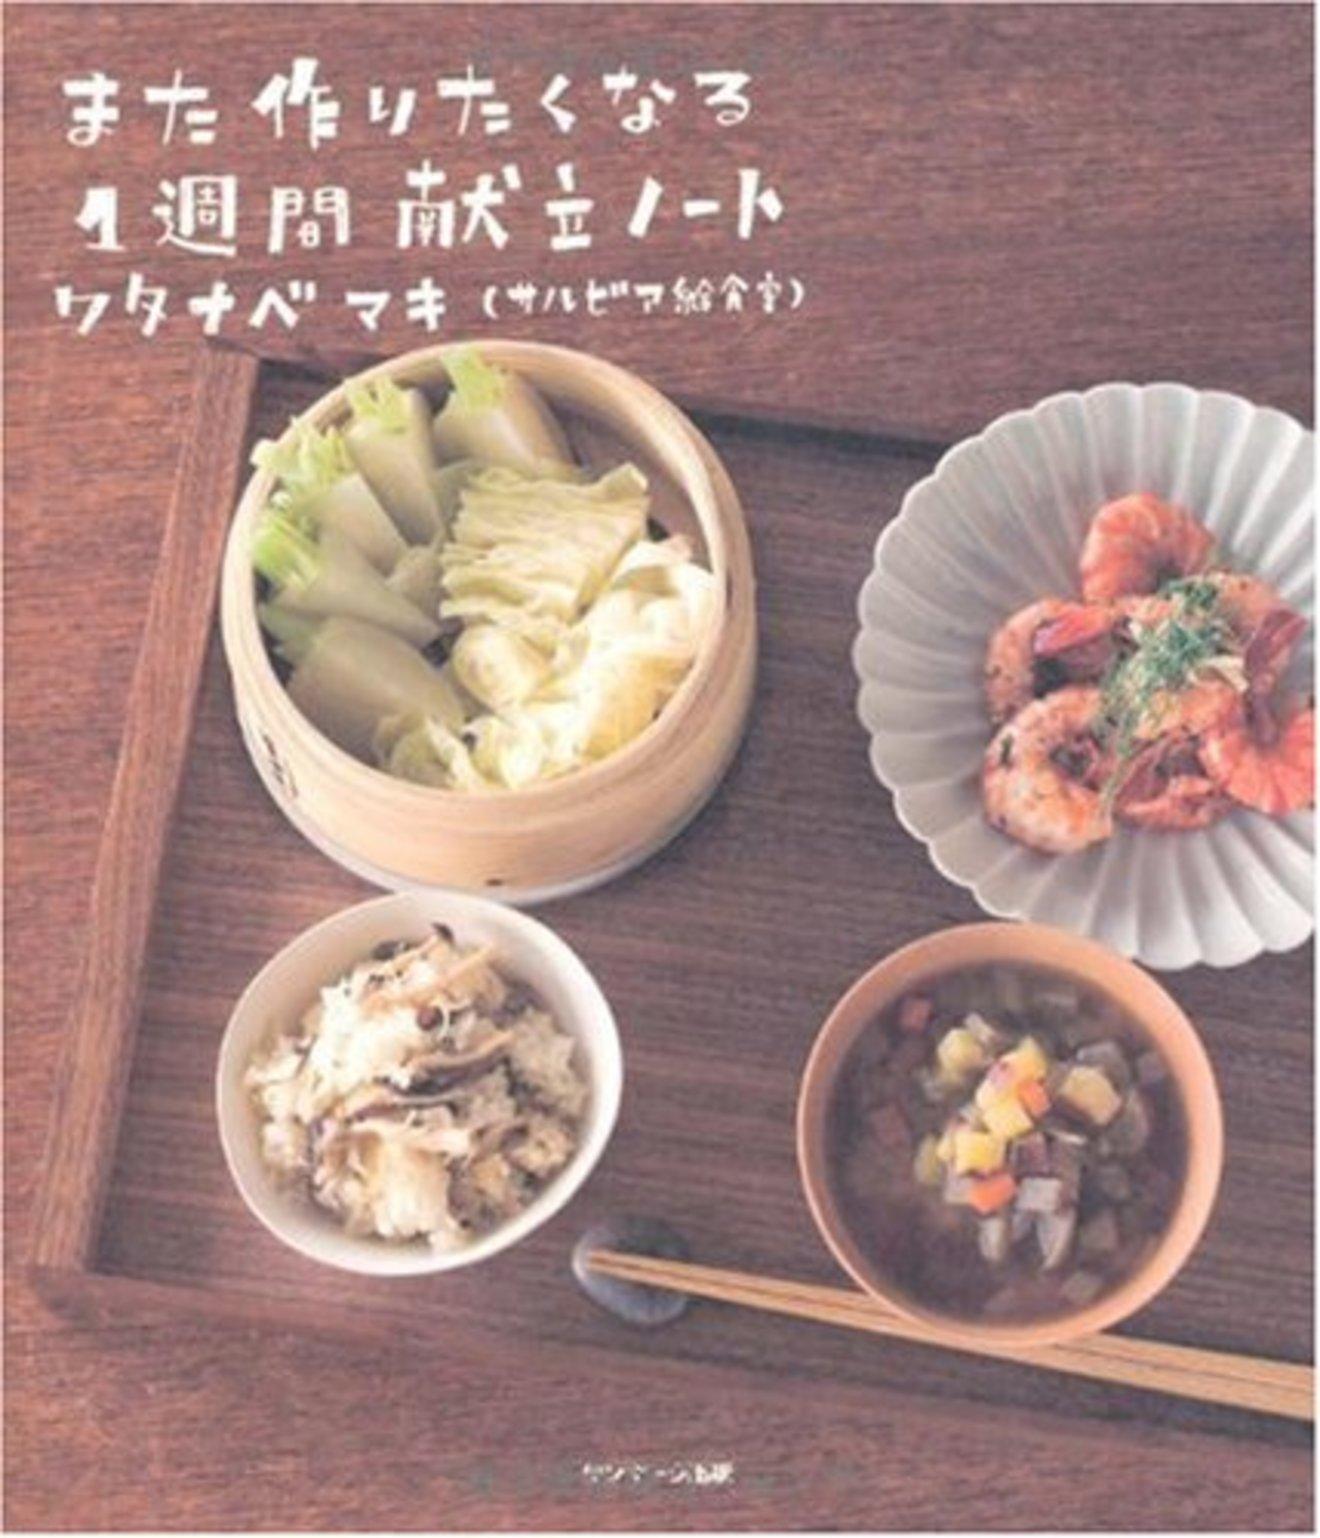 ワタナベマキのおすすめレシピ本4選!丁寧な暮らしにするための本